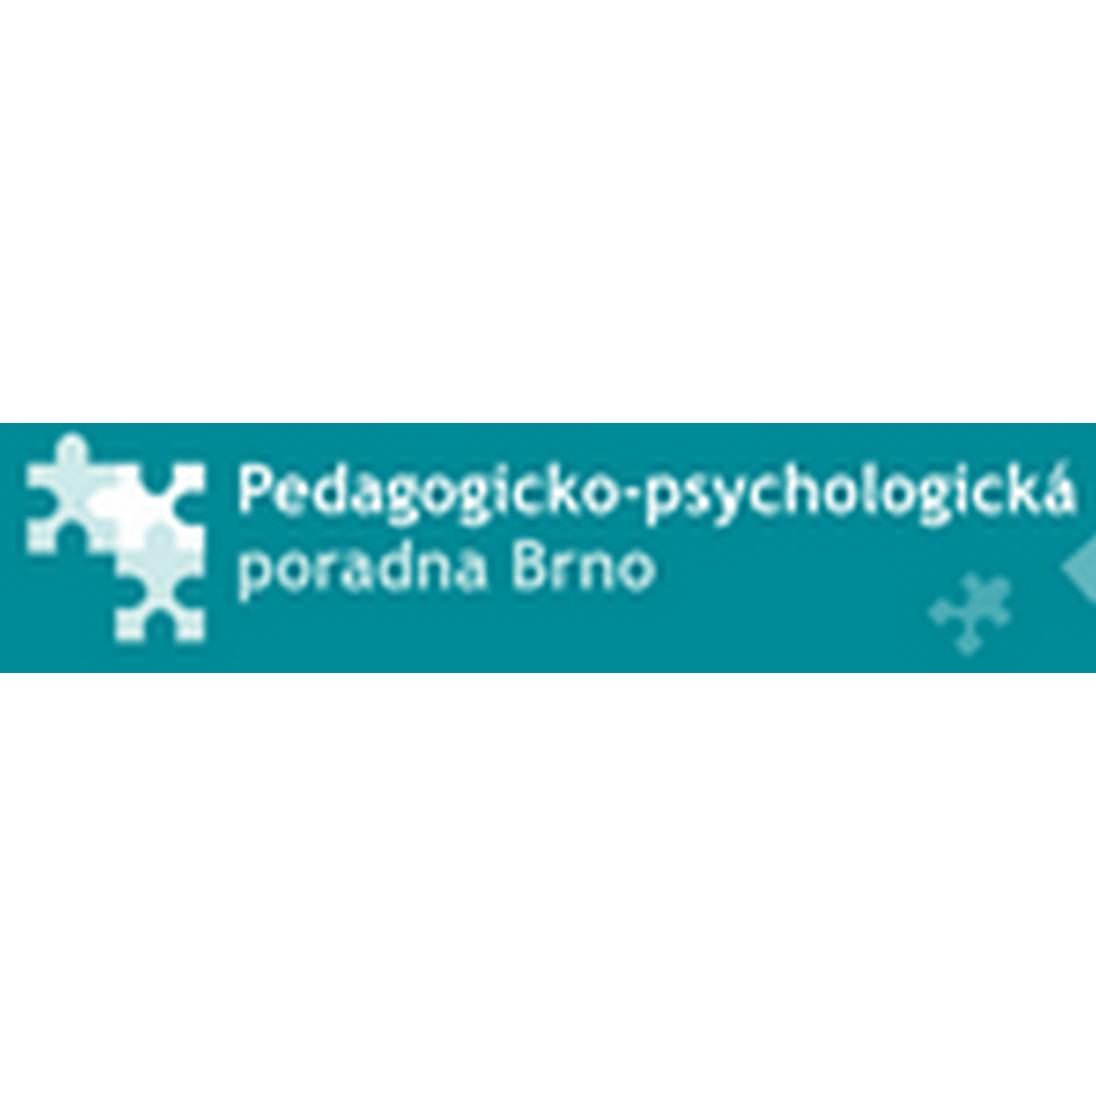 Pedagogicko-psychologická poradna Brno, příspěvková organizace